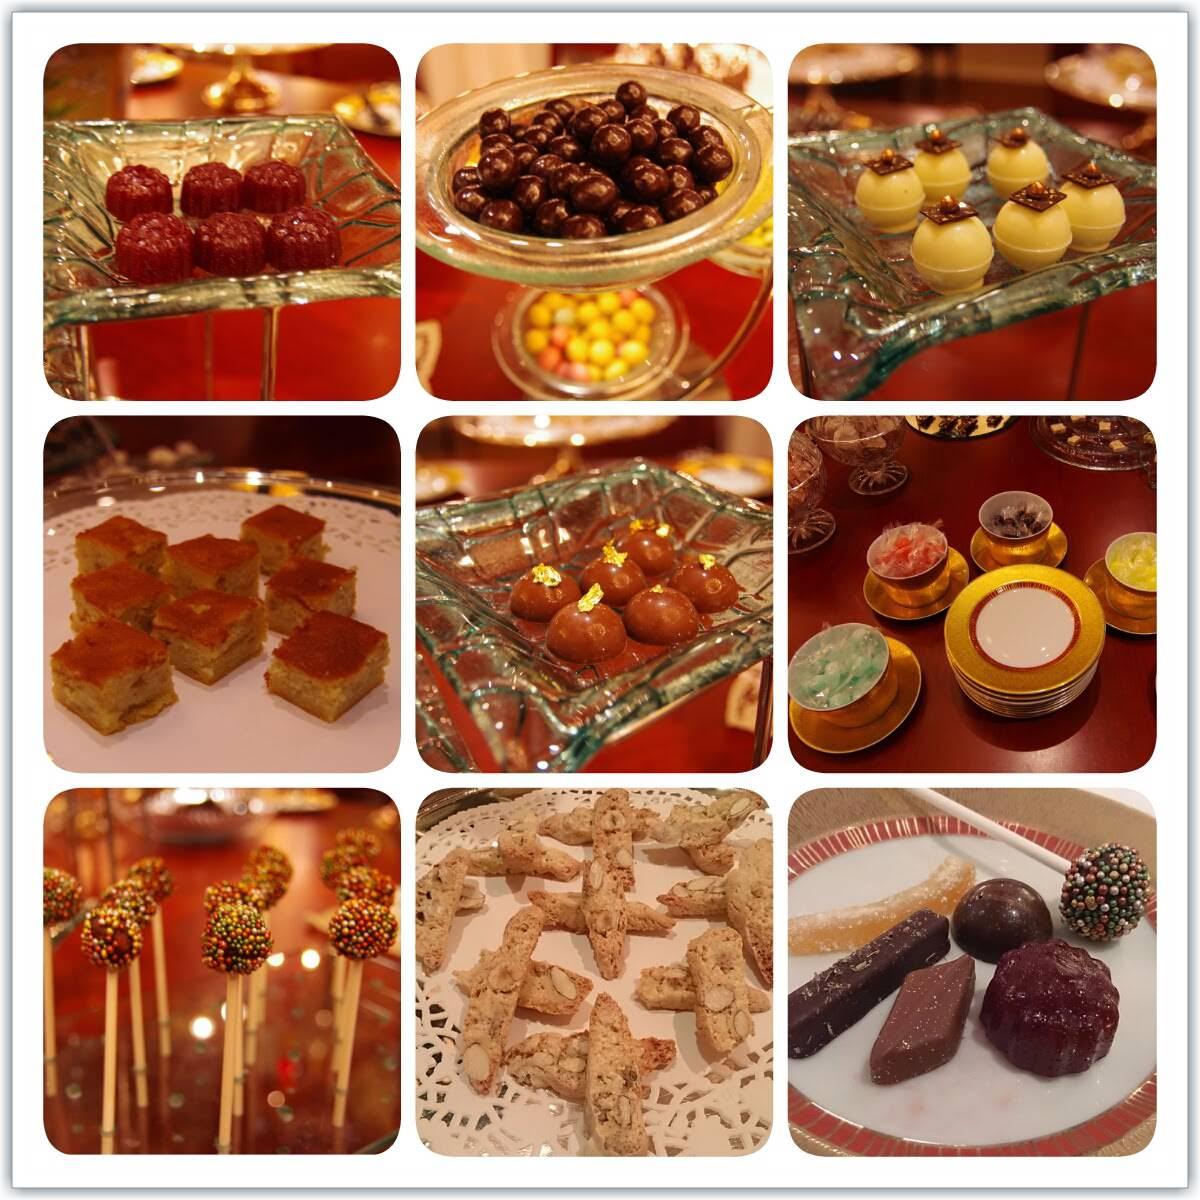 [澳門美食]當奧豐素Don Alfonso 1890義式料理,米其林星級饗宴